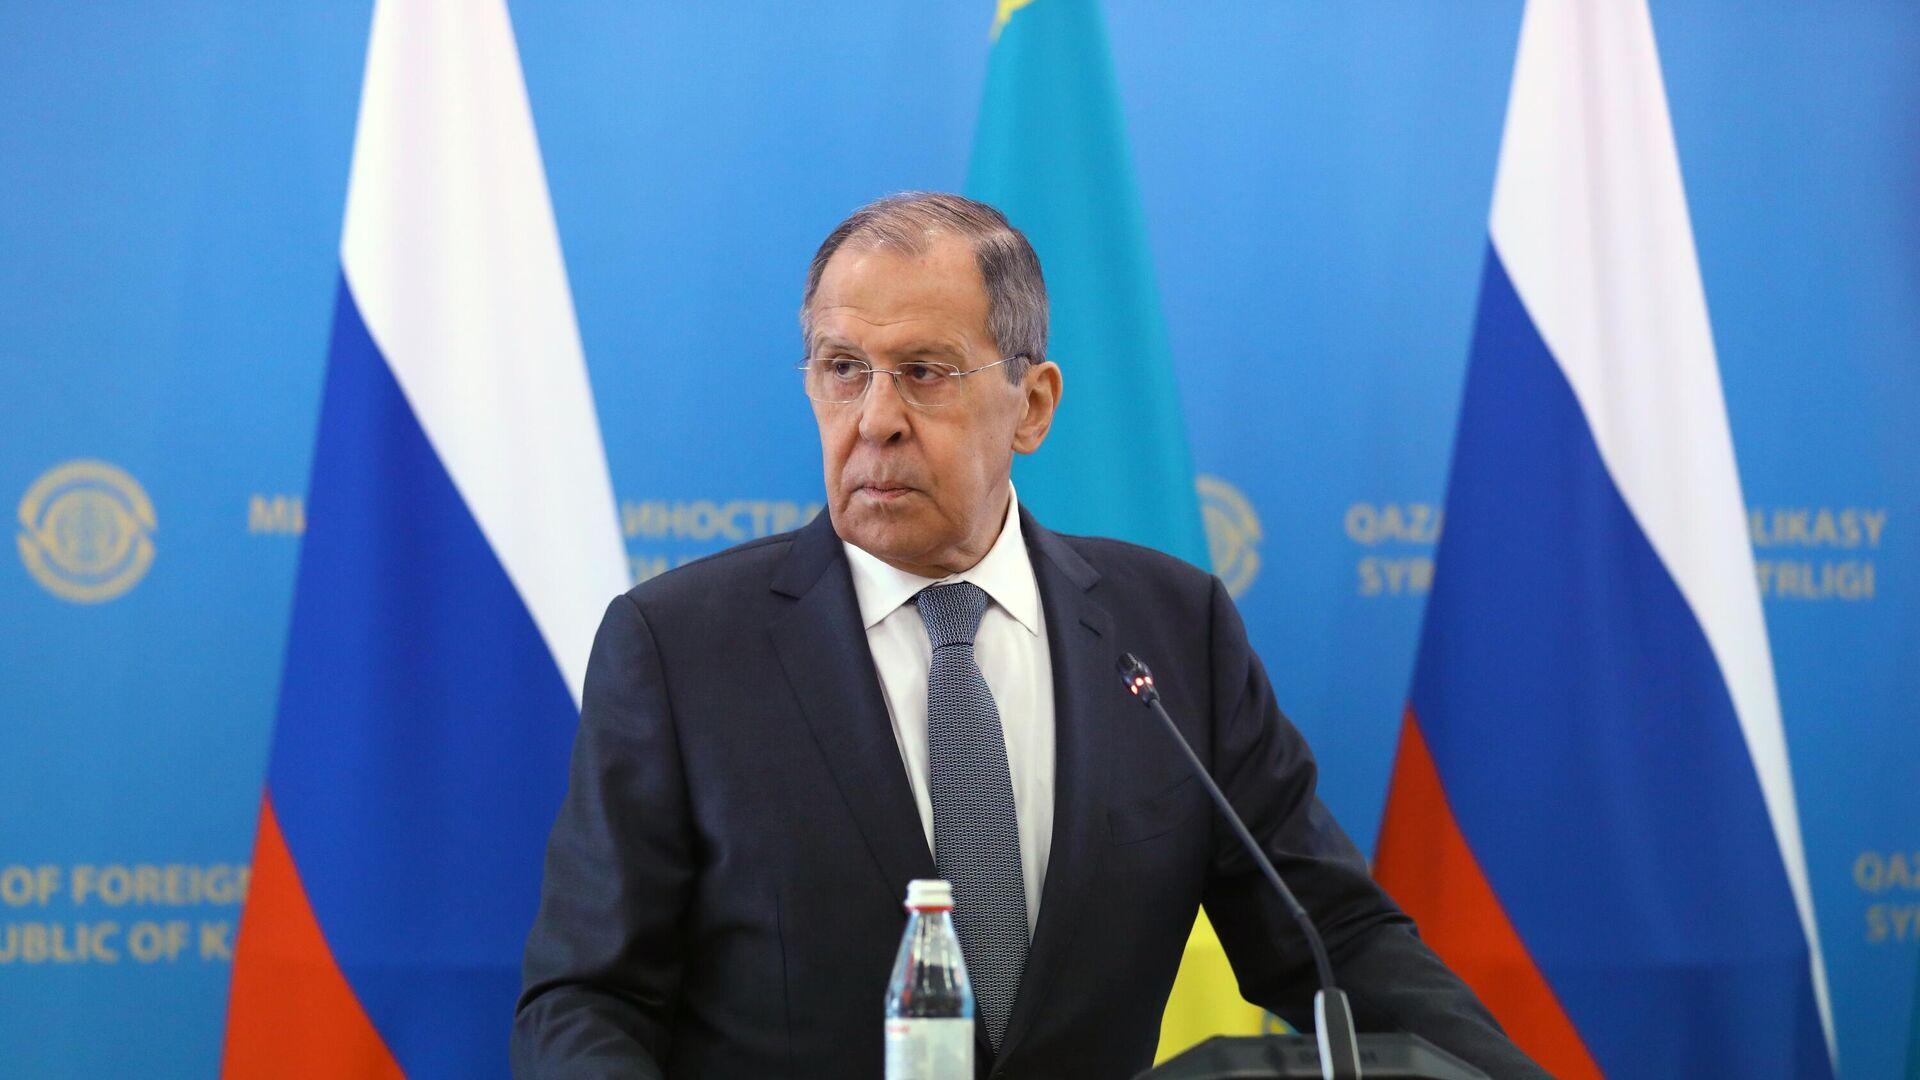 Министр иностранных дел РФ Сергей Лавров - РИА Новости, 1920, 12.04.2021